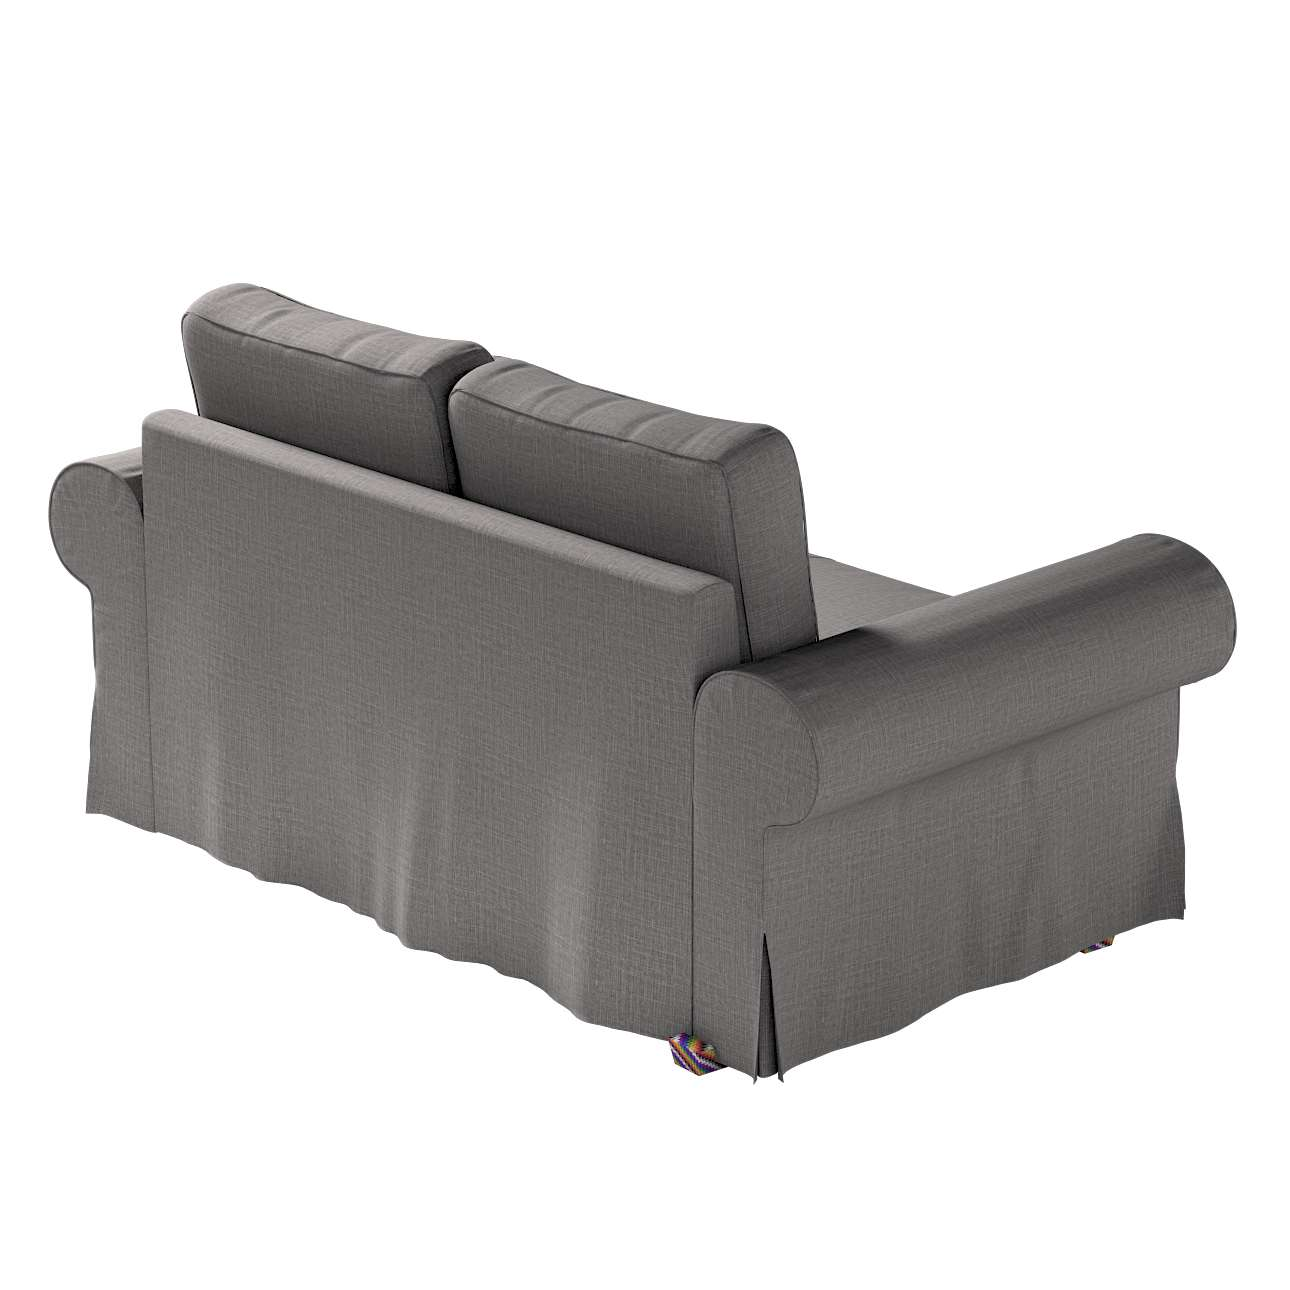 Bezug für Backabro 2-Sitzer Sofa ausklappbar von der Kollektion Living II, Stoff: 161-16